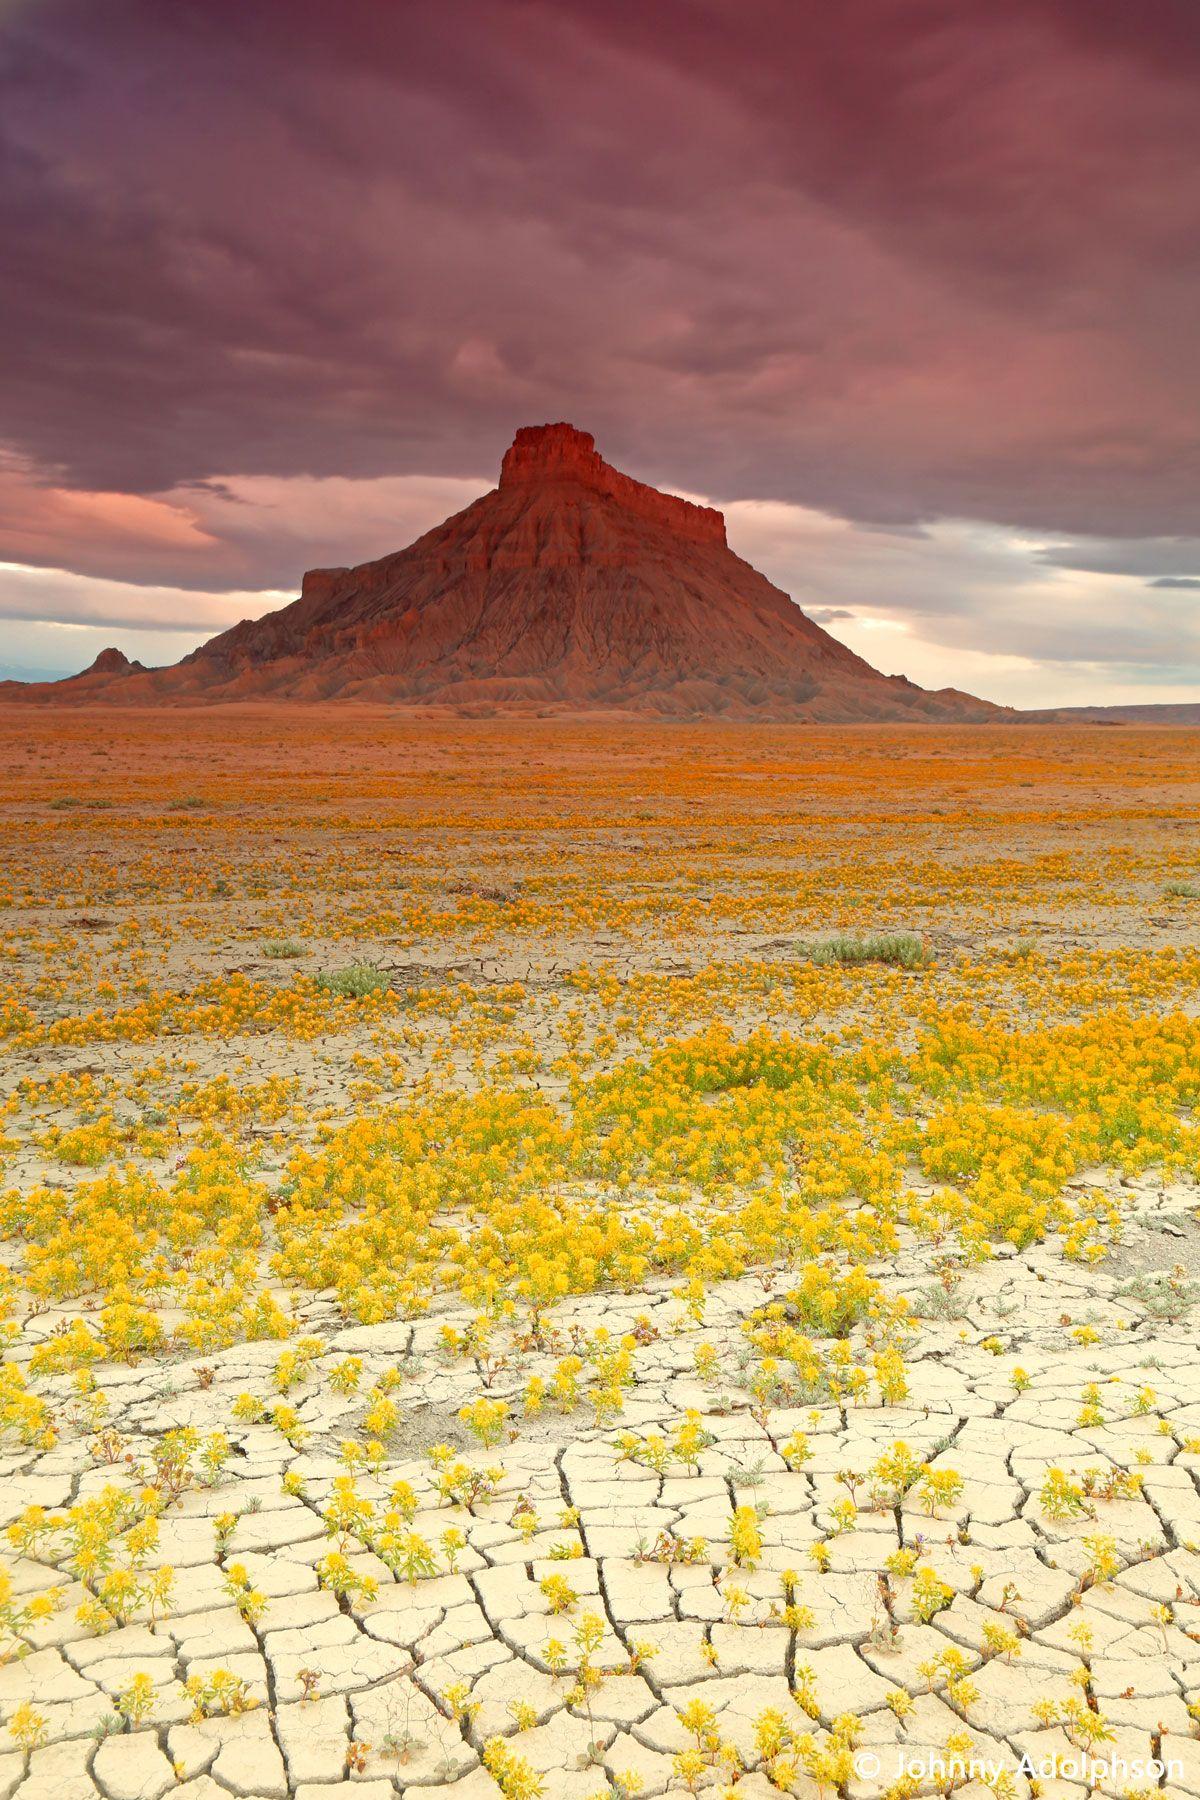 La beauté des fleurs qui survivent en plein milieu du désert aride des Badlands va vous émerveiller #desertlife